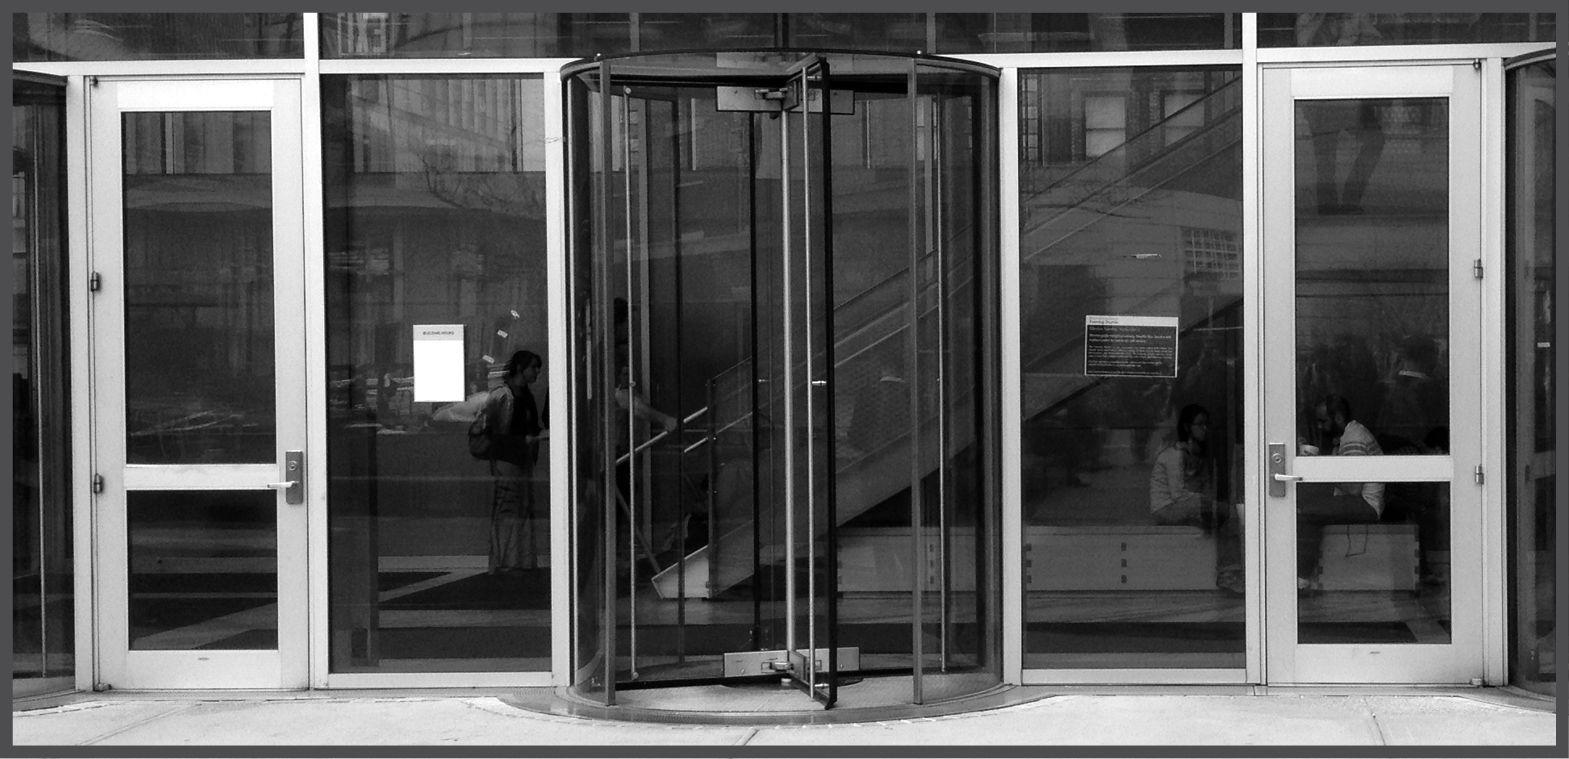 Doors & Small Disruptons: Revolving Doors | Building Pictures | Pinterest ...